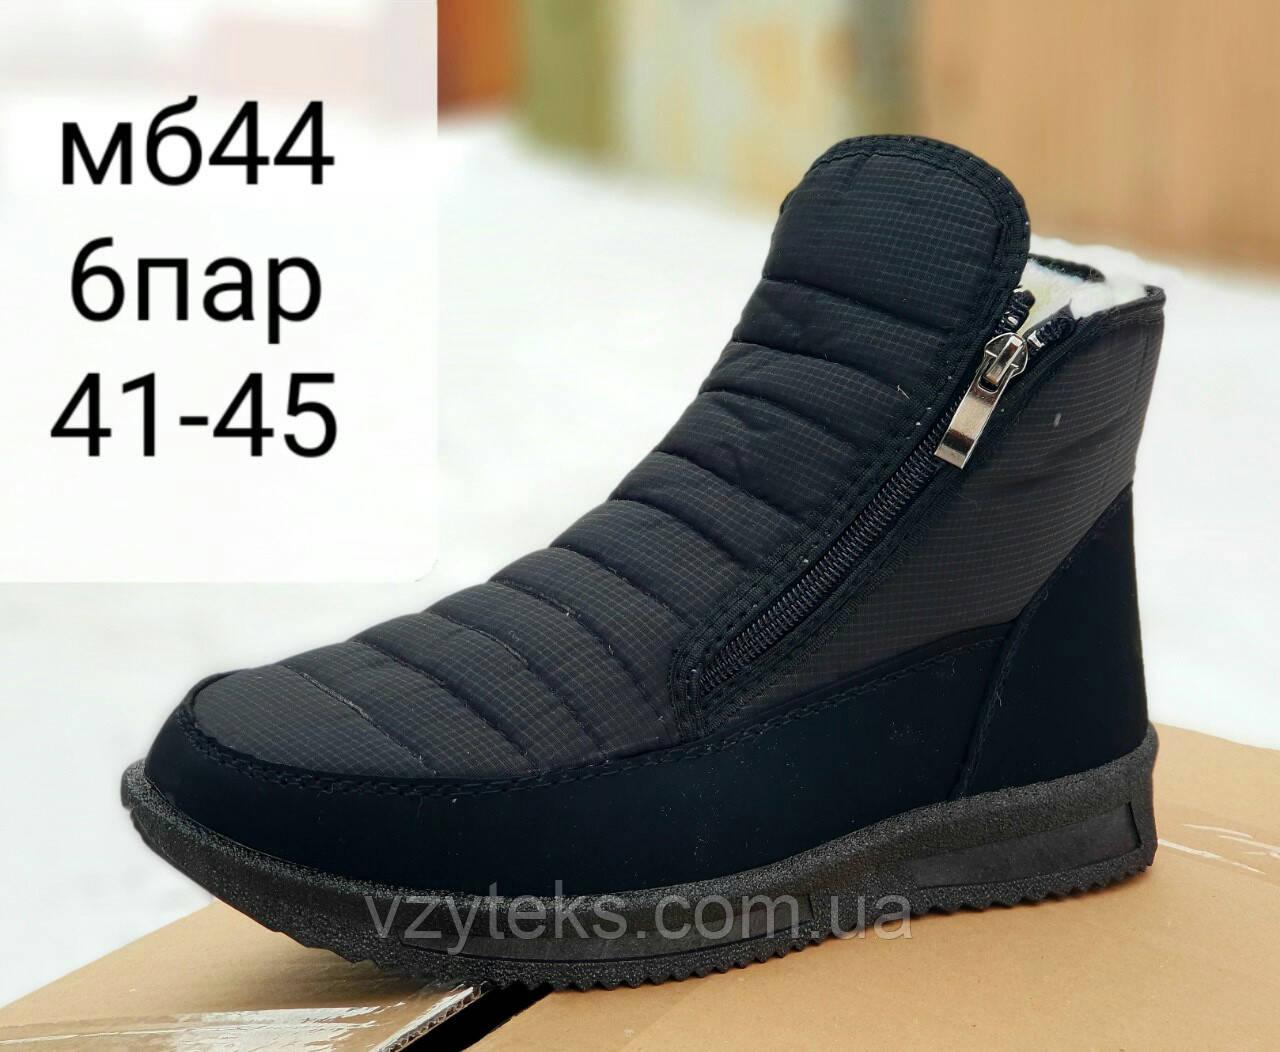 Купить Ботинки мужские зимние на замке Украина оптом Хмельницкий ... b4a9bd7ed10d8